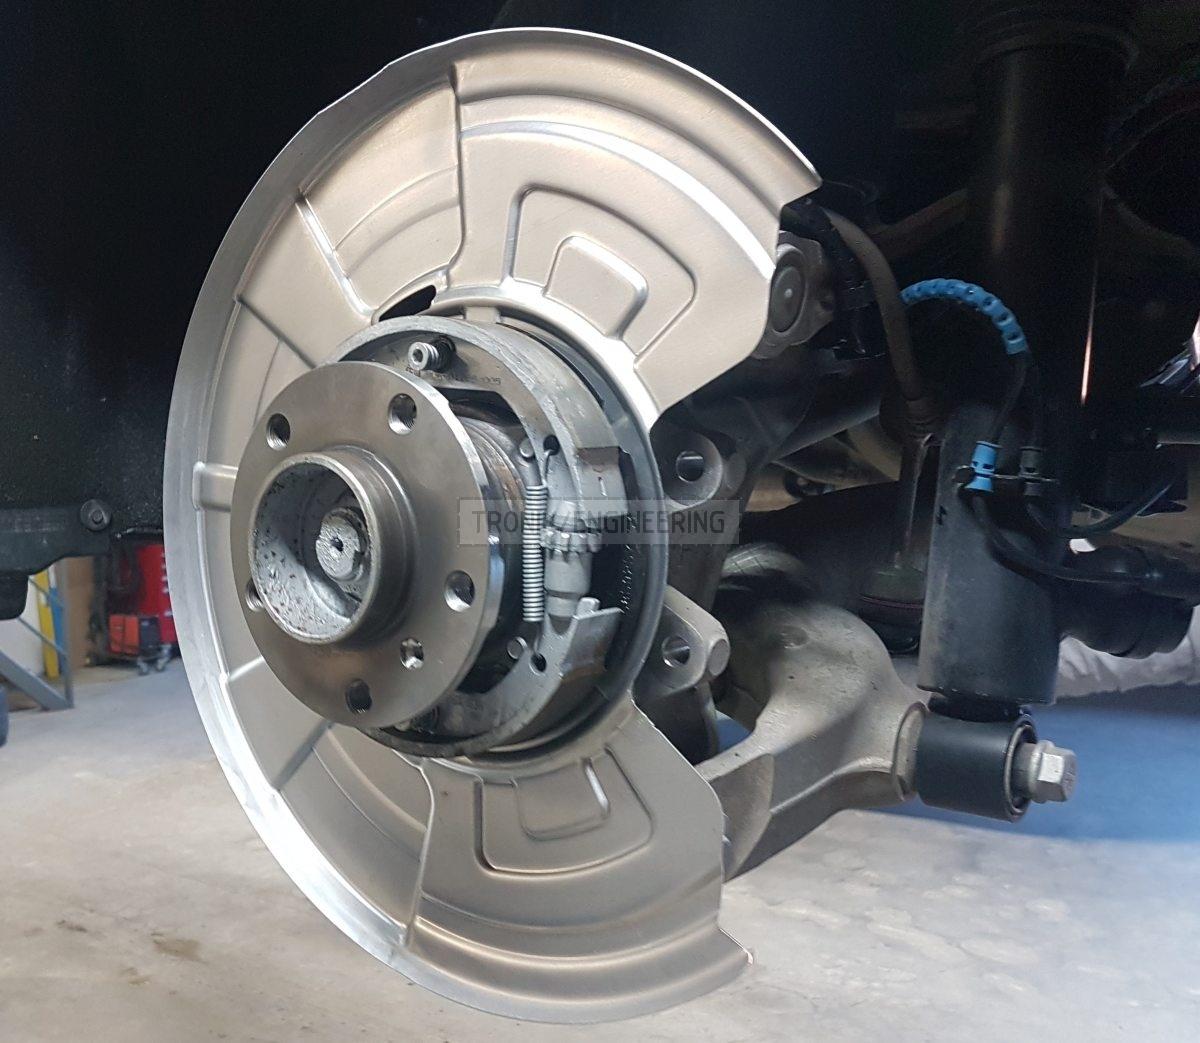 parking brake mechanism assembled